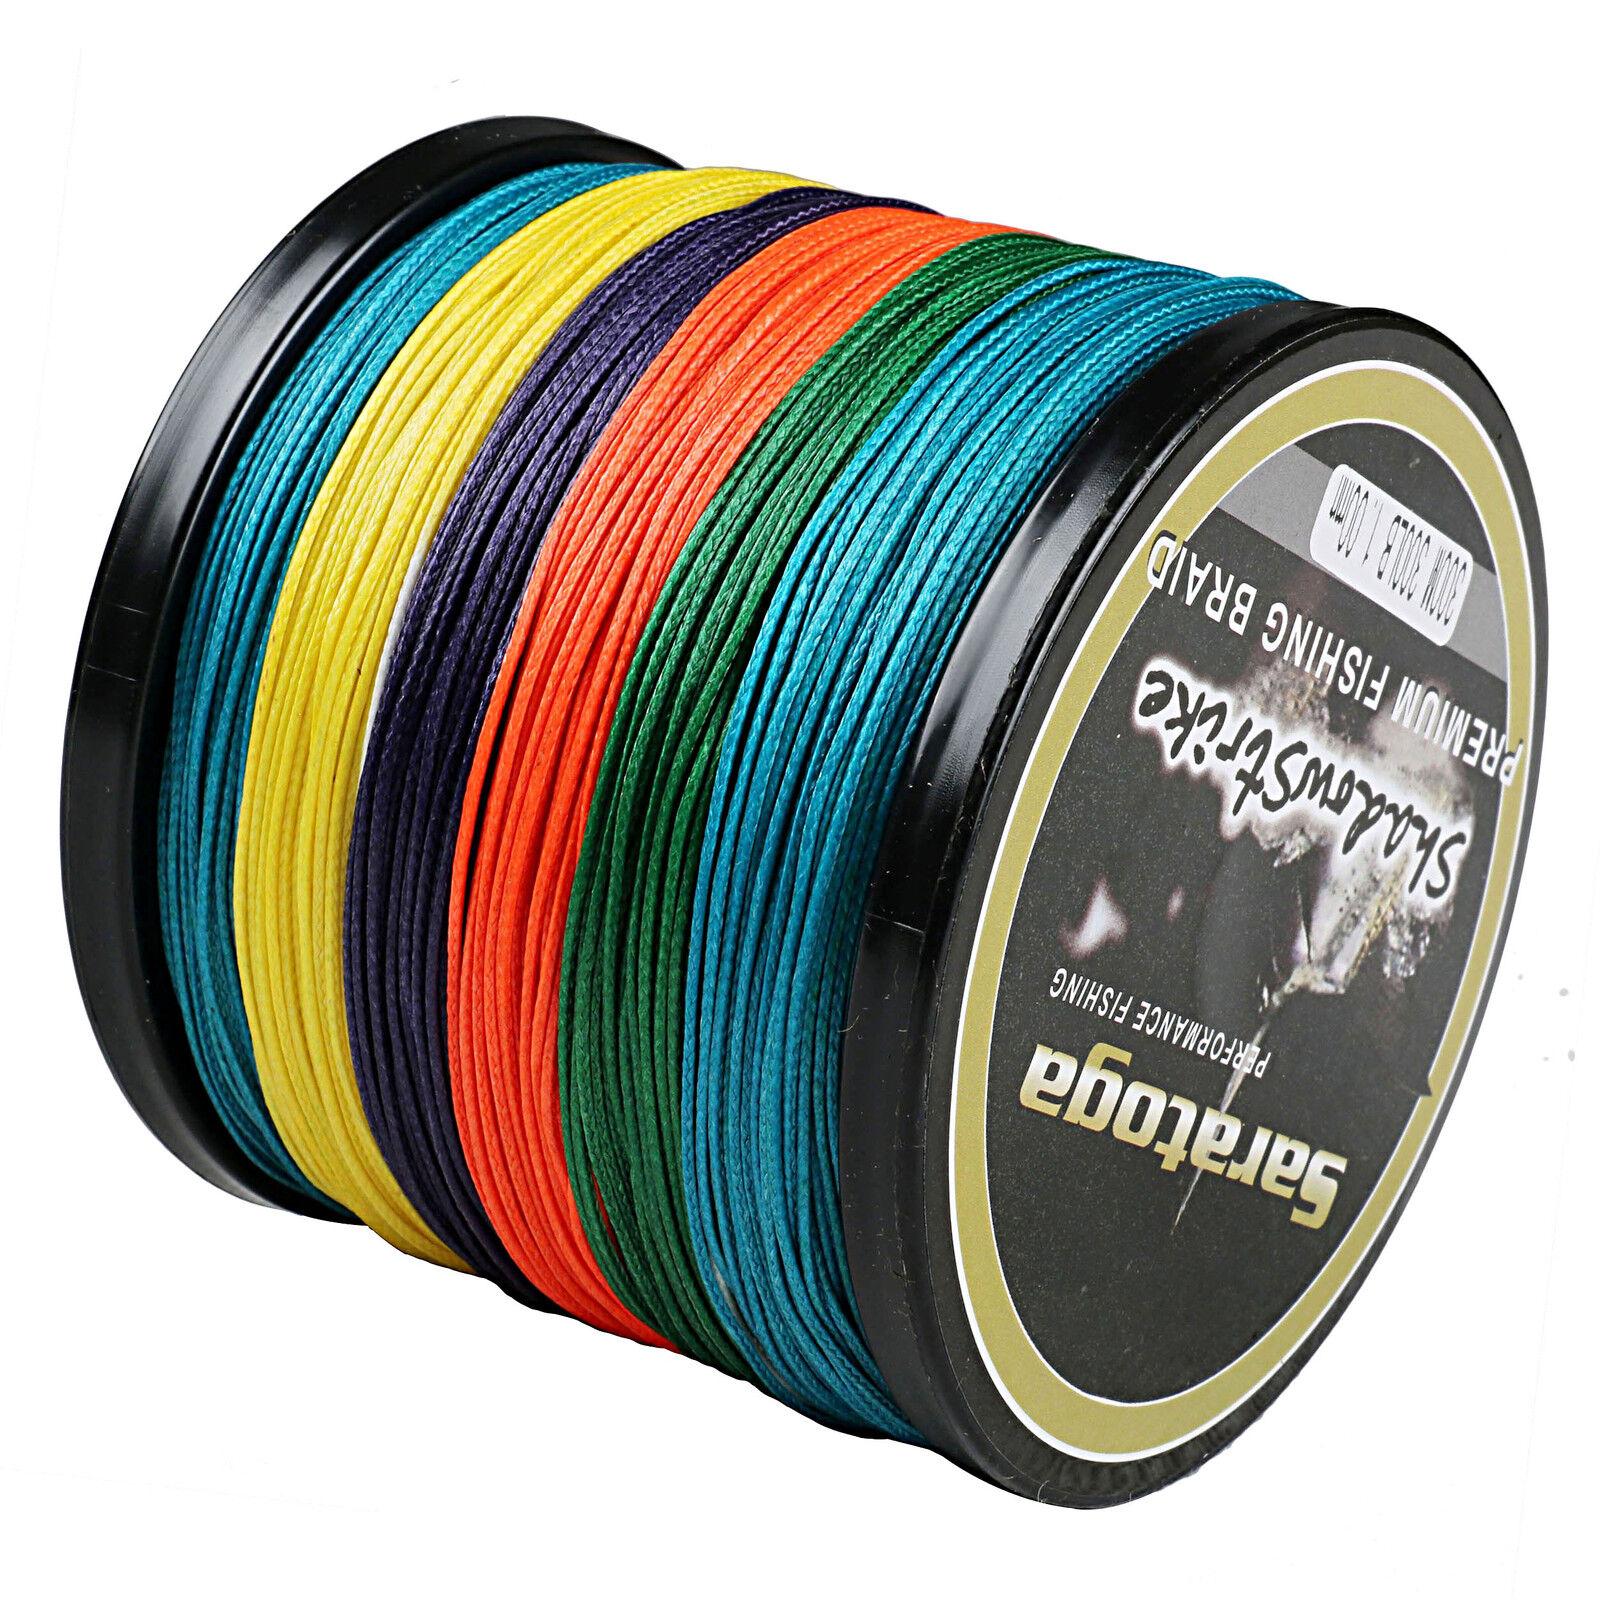 100M-1500M 8 Strand Multicolor 100% PE Dyneema Trecciati Pesca lenza